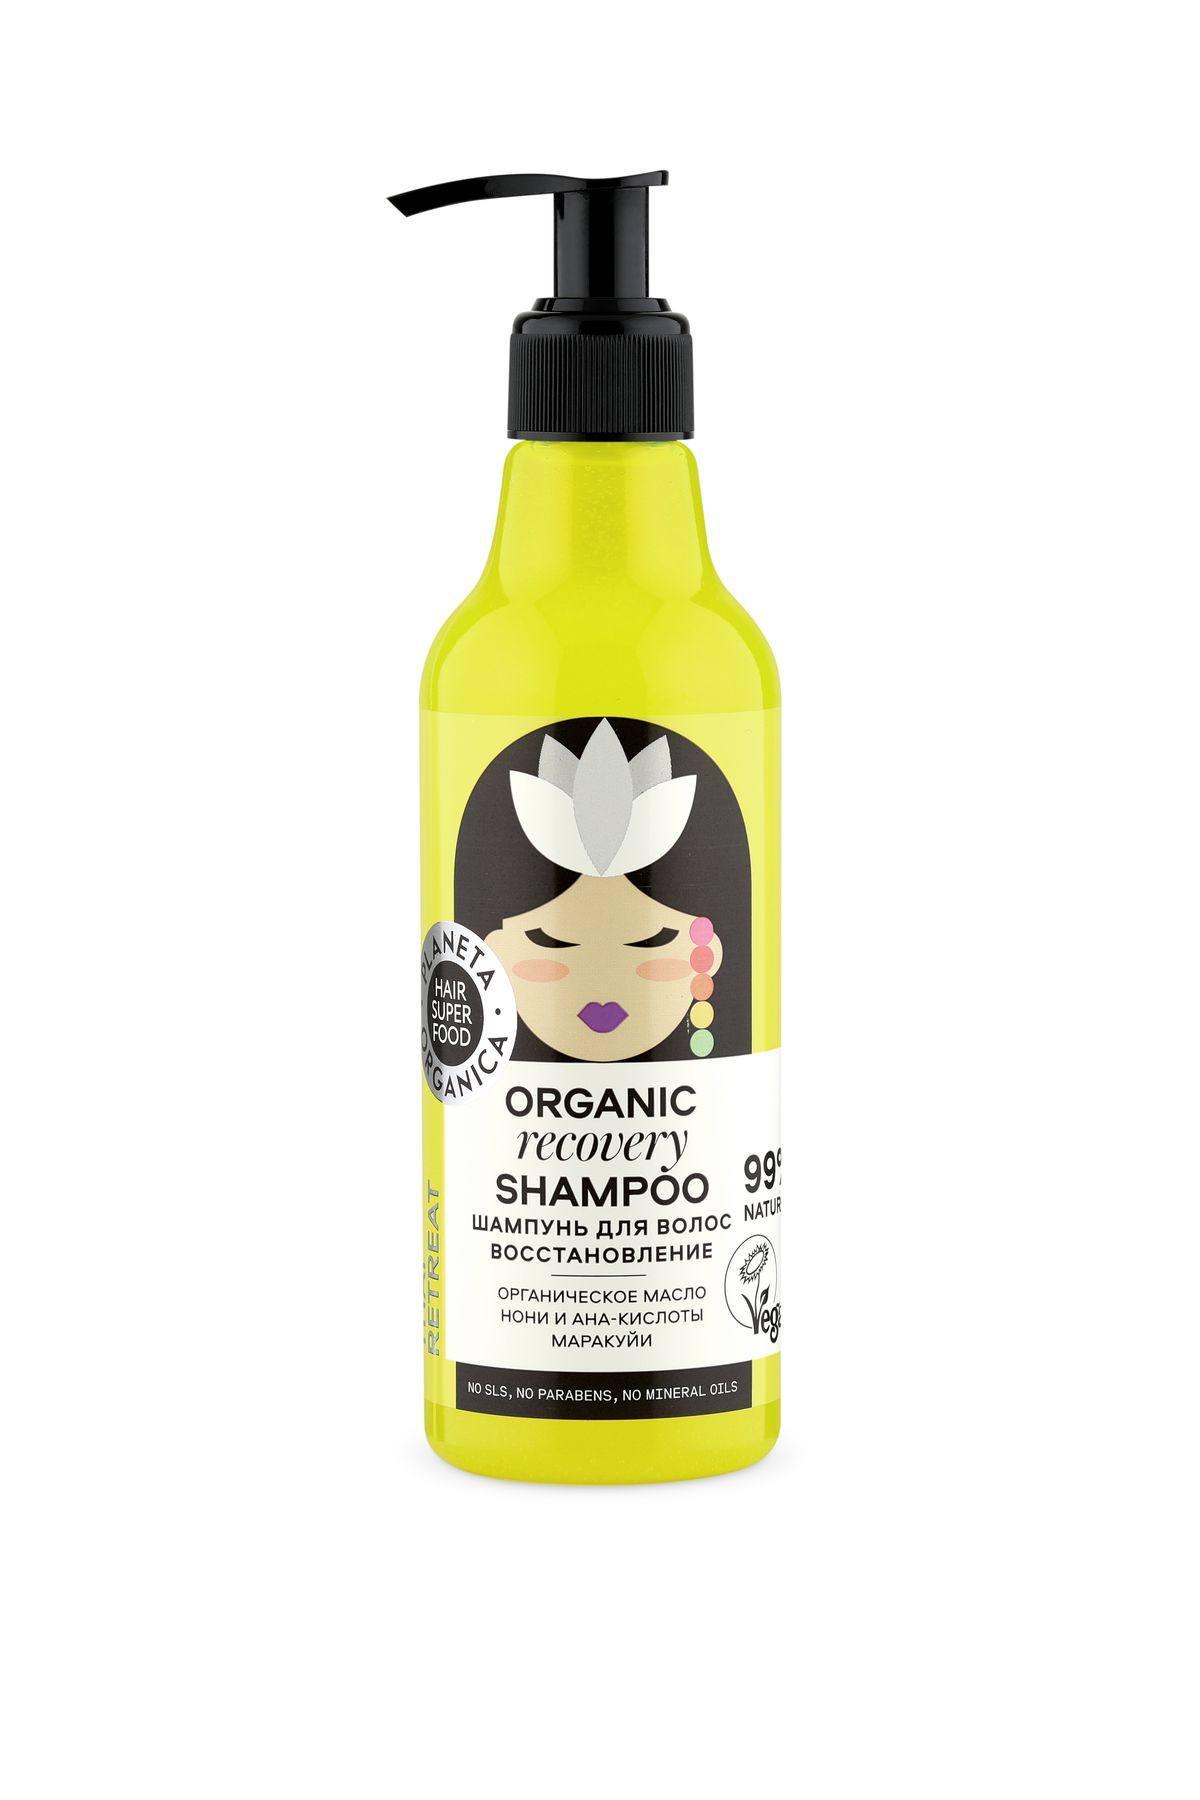 Купить Planeta Organica Hair Super Food Шампунь для волос Восстановление Organic shampoo Recovery , 250 мл (shop: Organic-shops Organic shops)